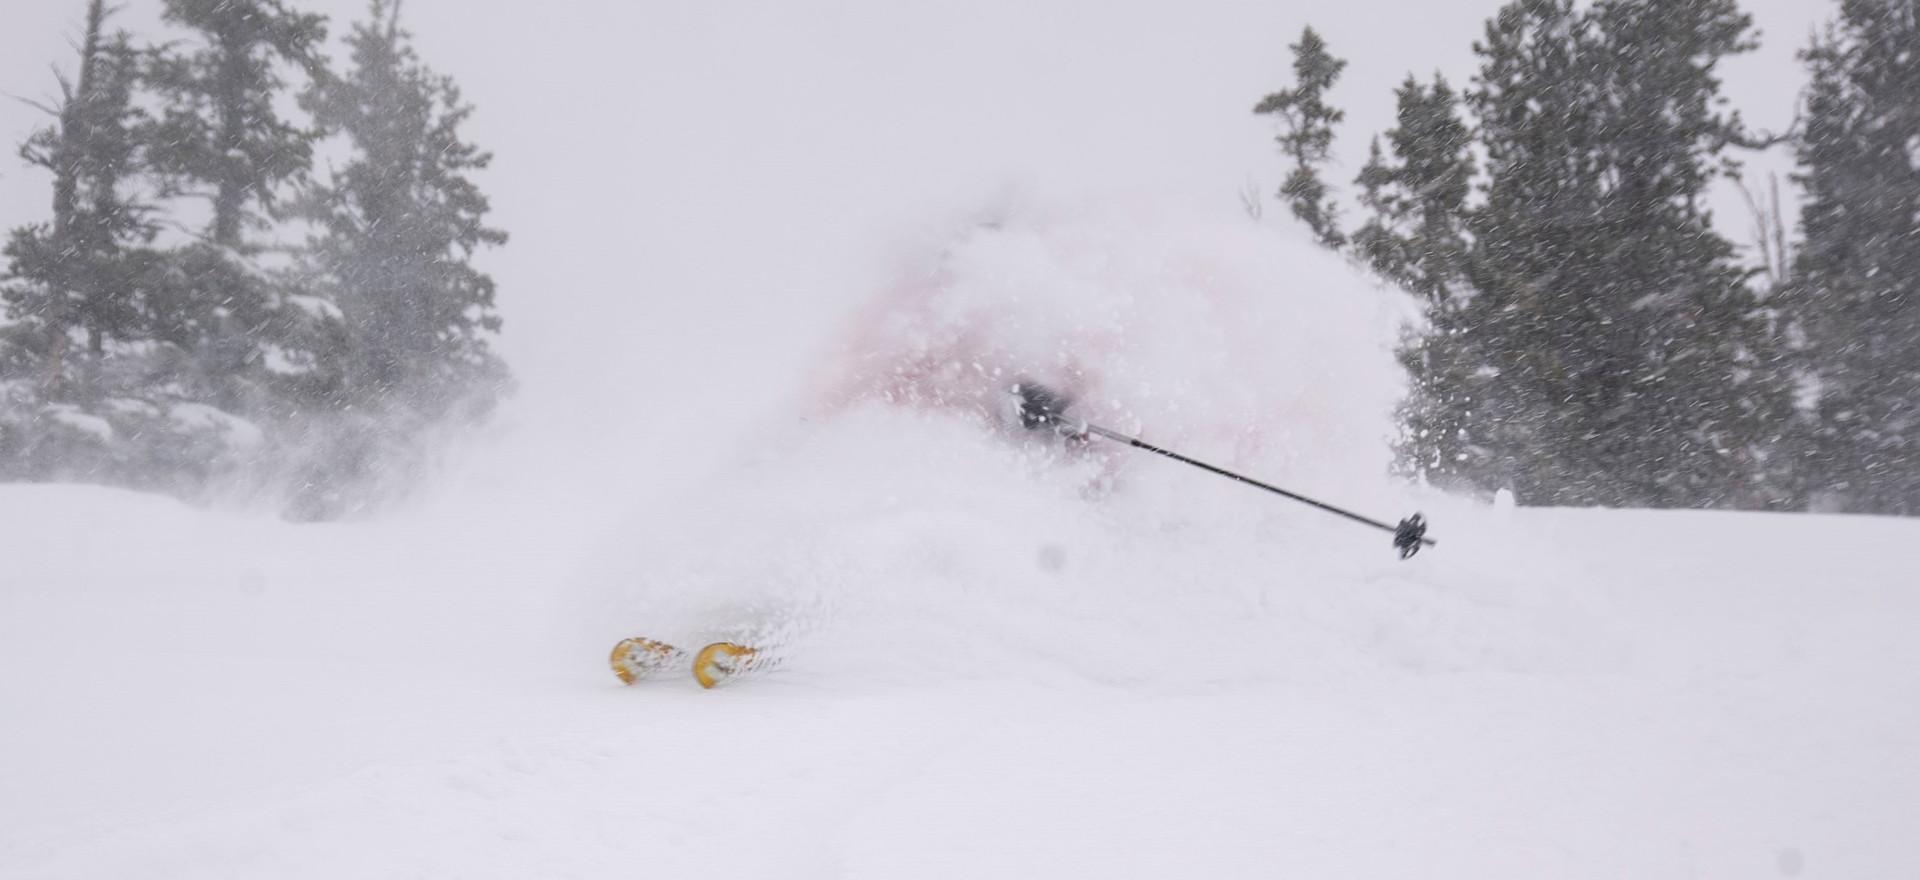 Ski-Ride-Tours-Powder-Trips-8.JPG